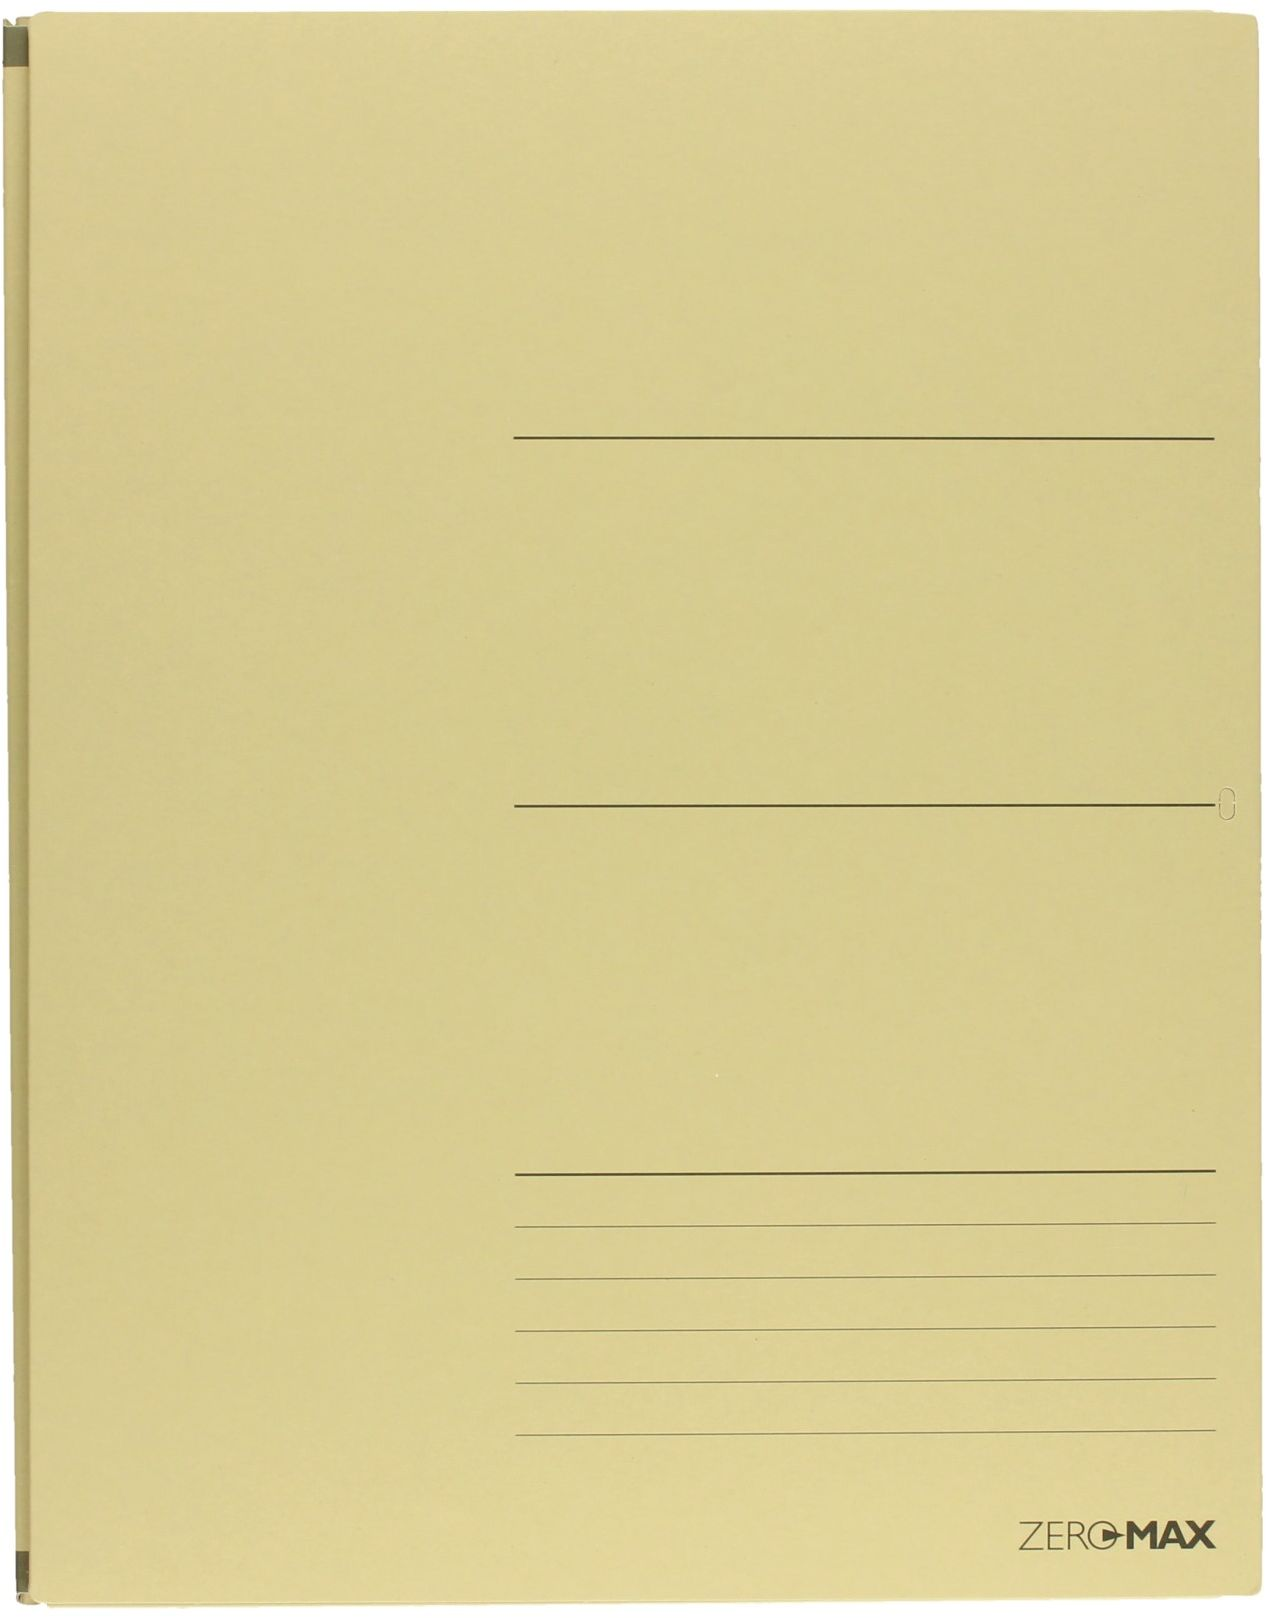 Teczka skoroszyt A4 beżowa ZeroMax 205131